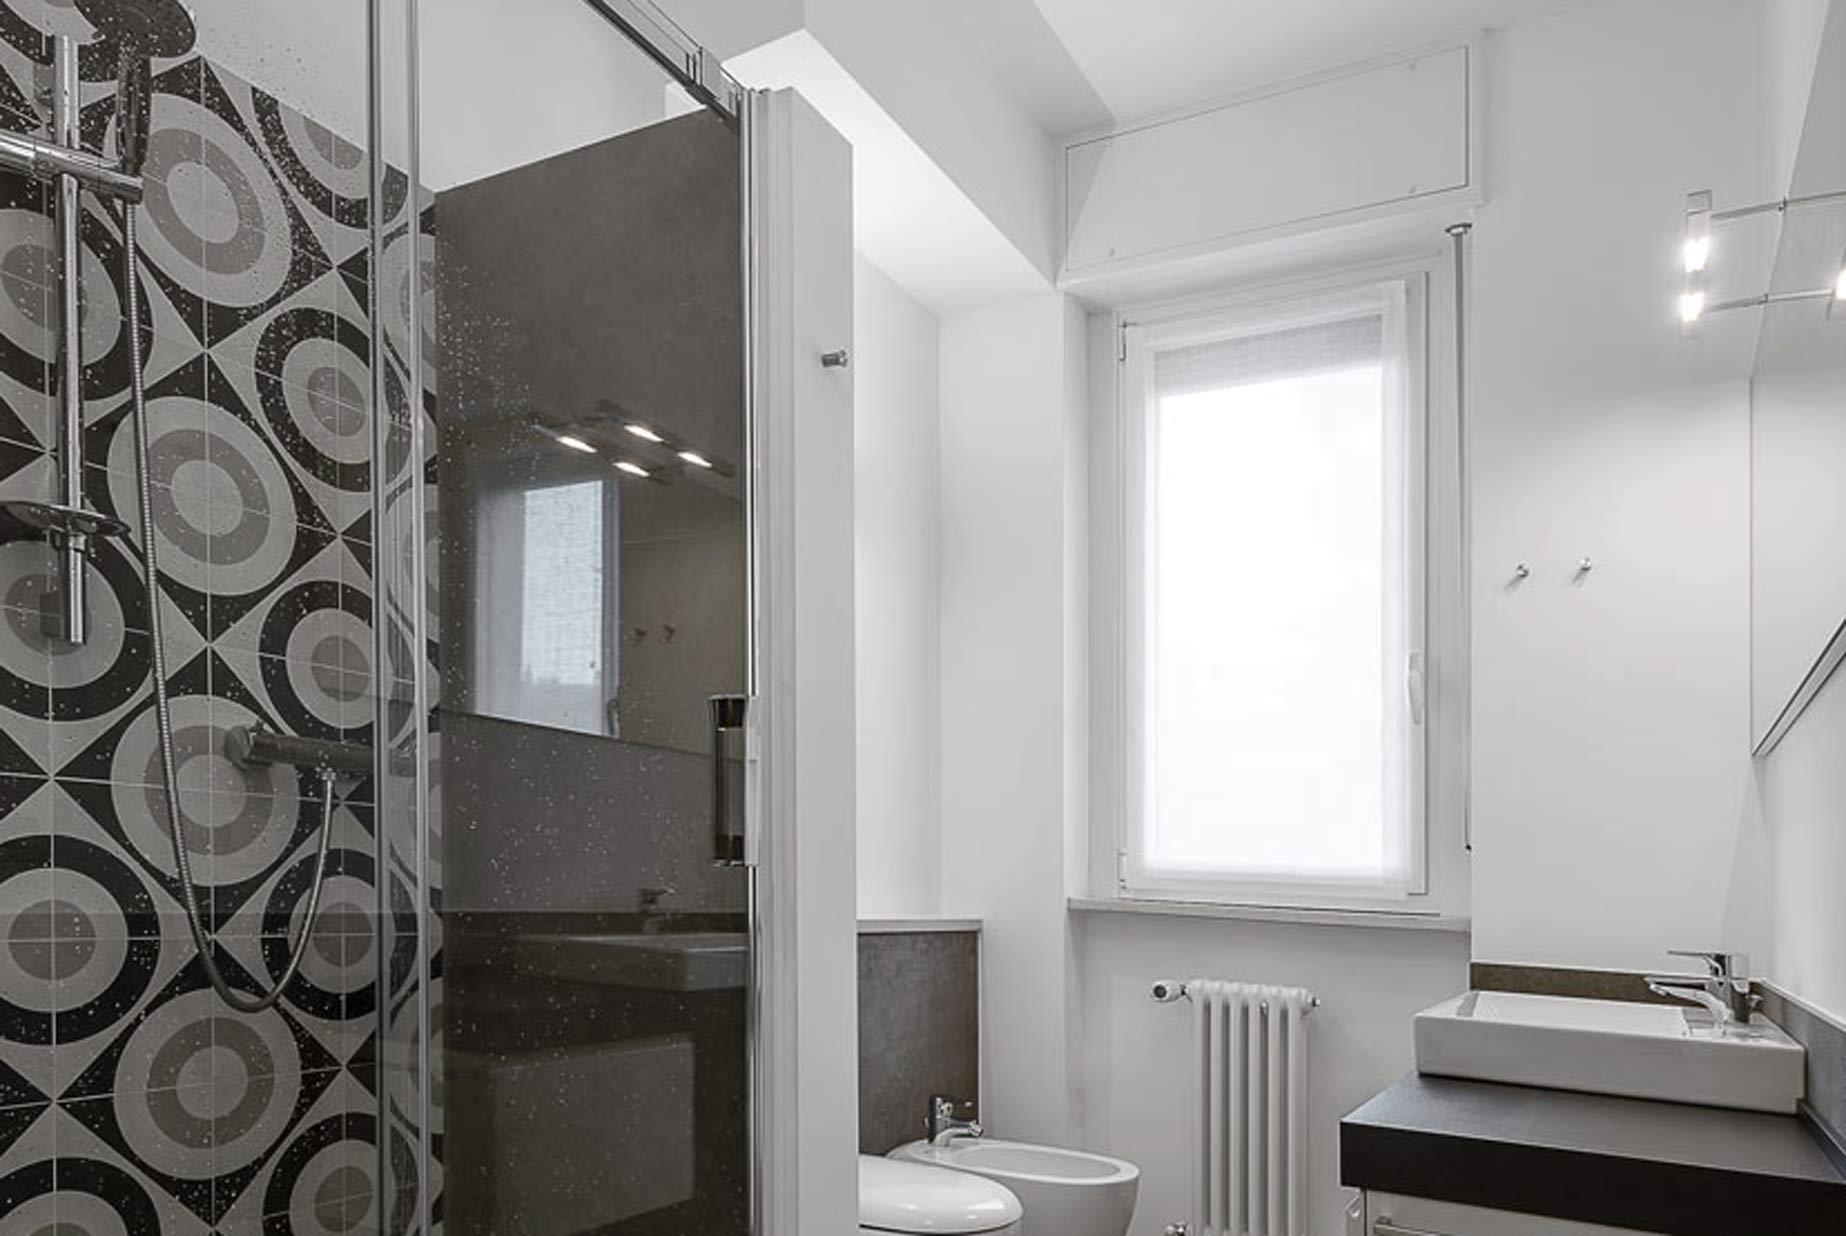 Lavorazione dello studio di architettura StudioT14 - Milano